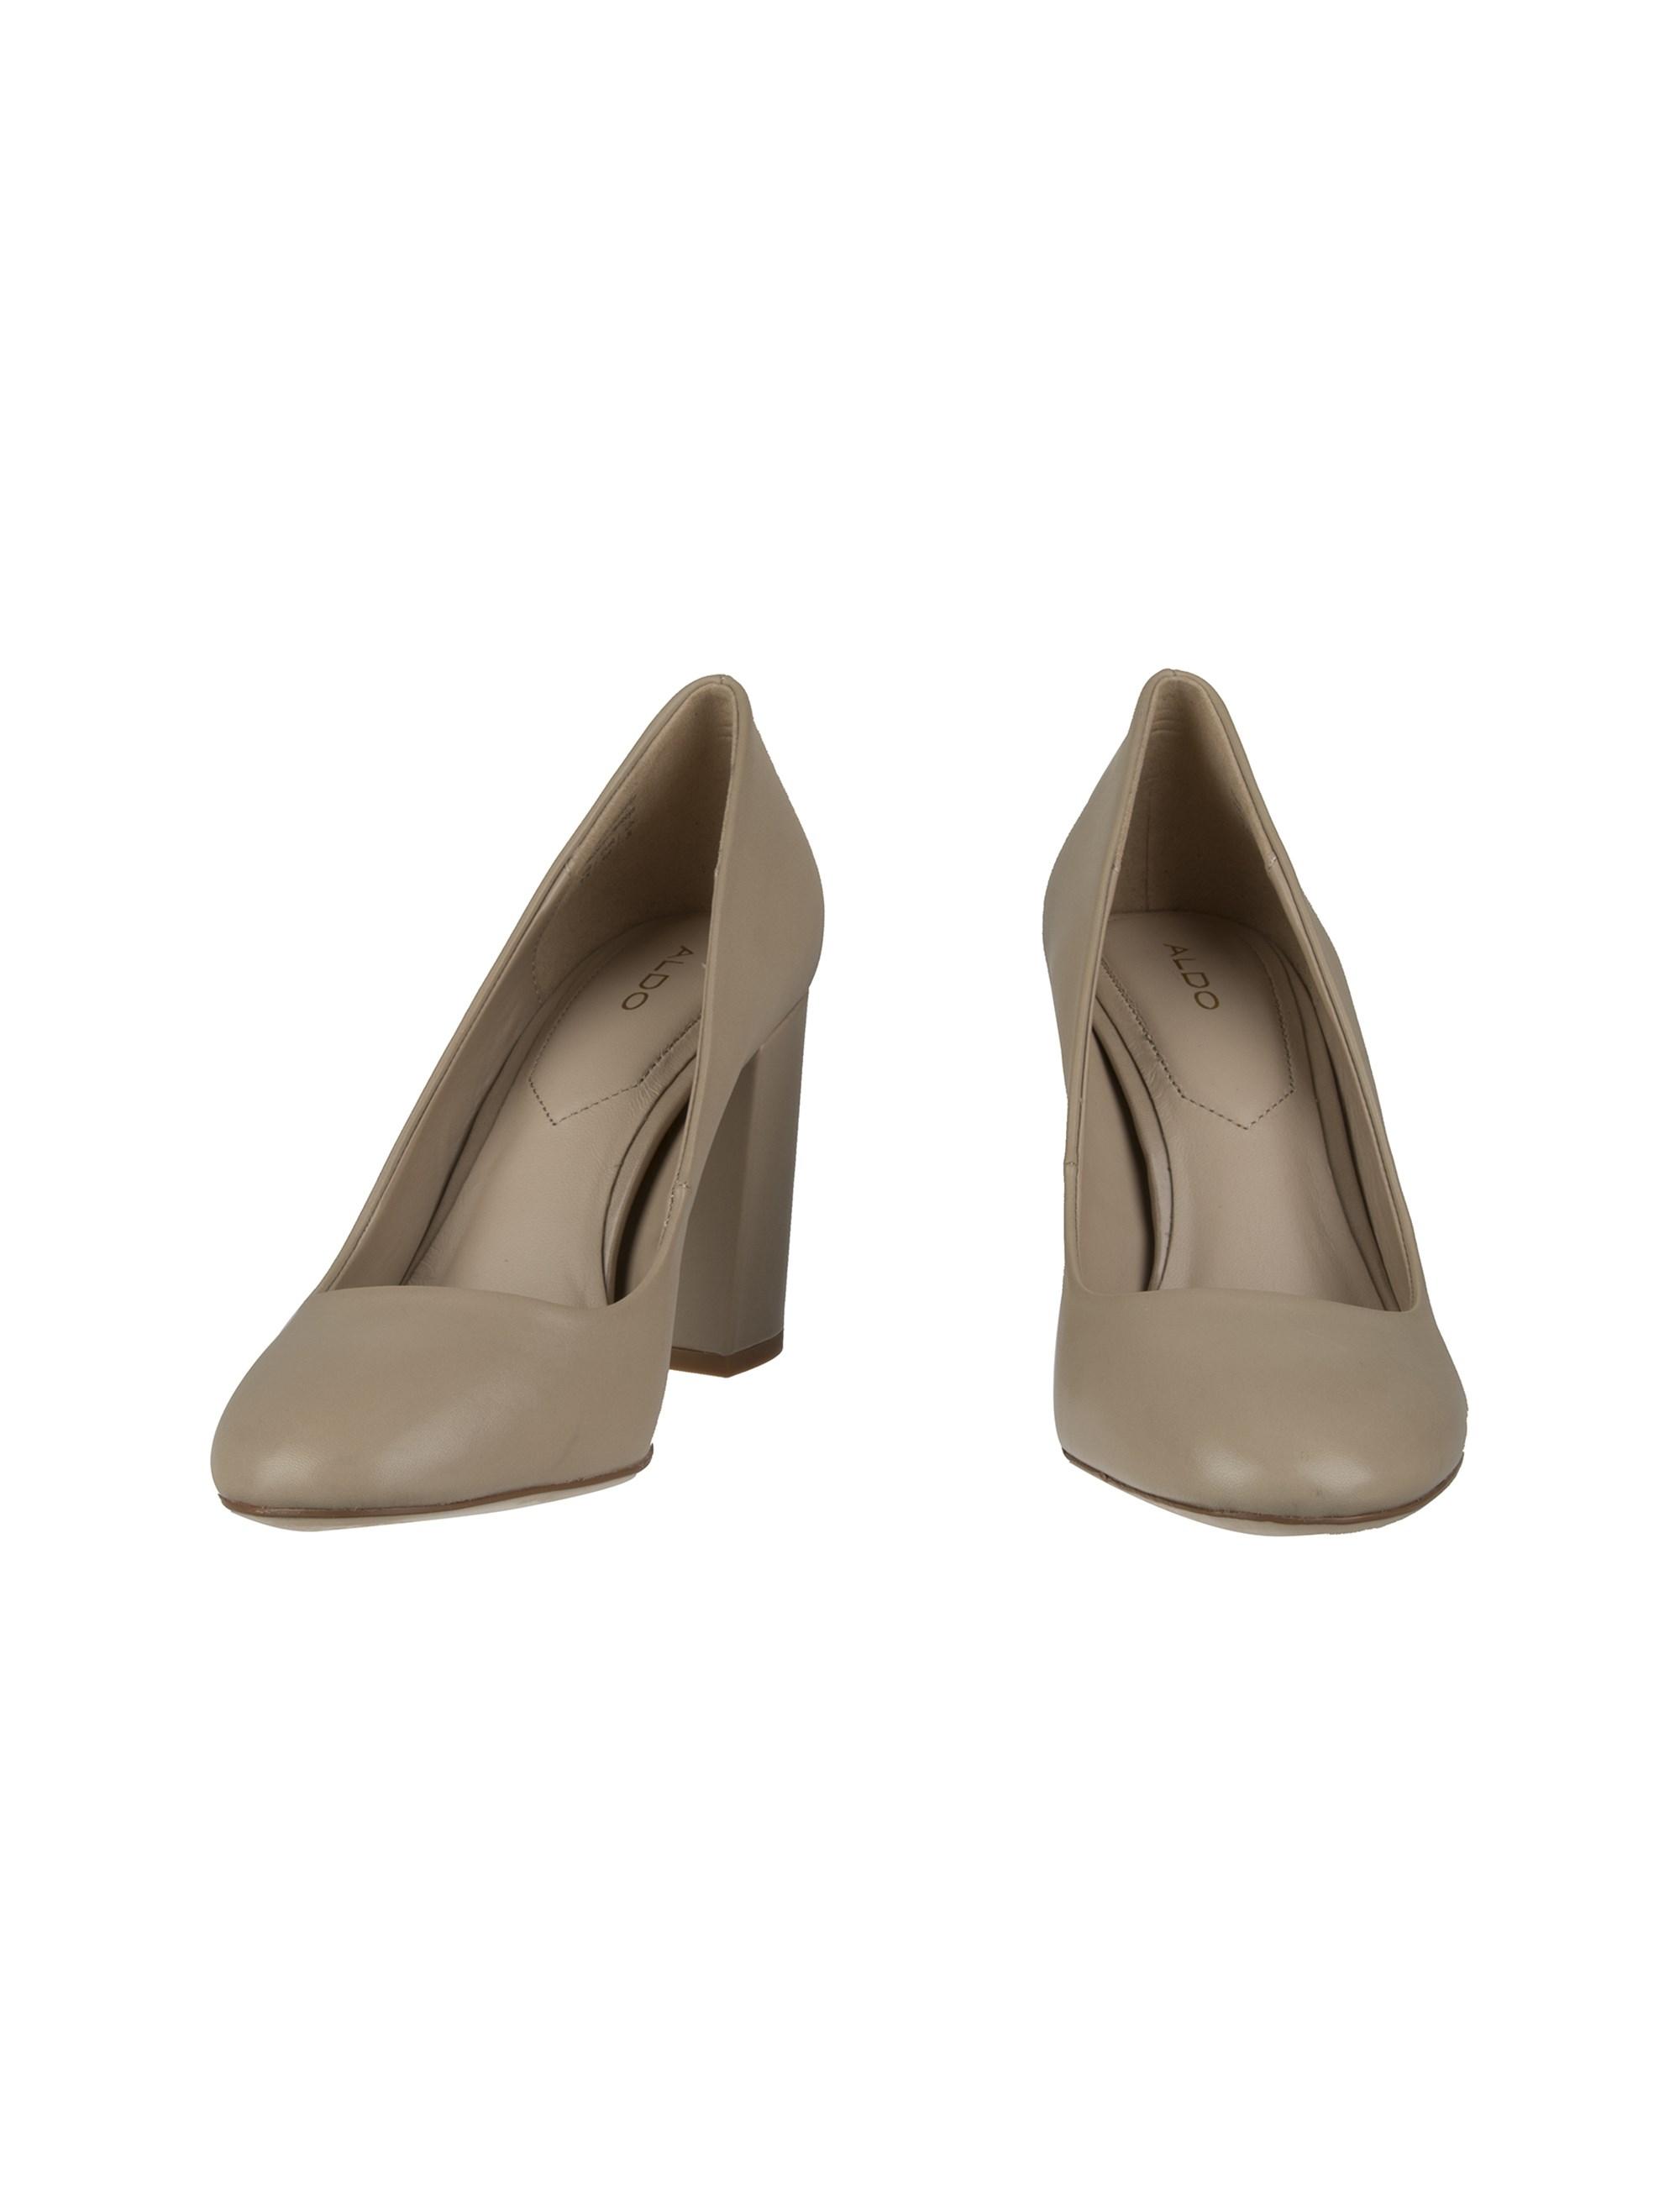 کفش پاشنه بلند چرم زنانه - کرم - 4